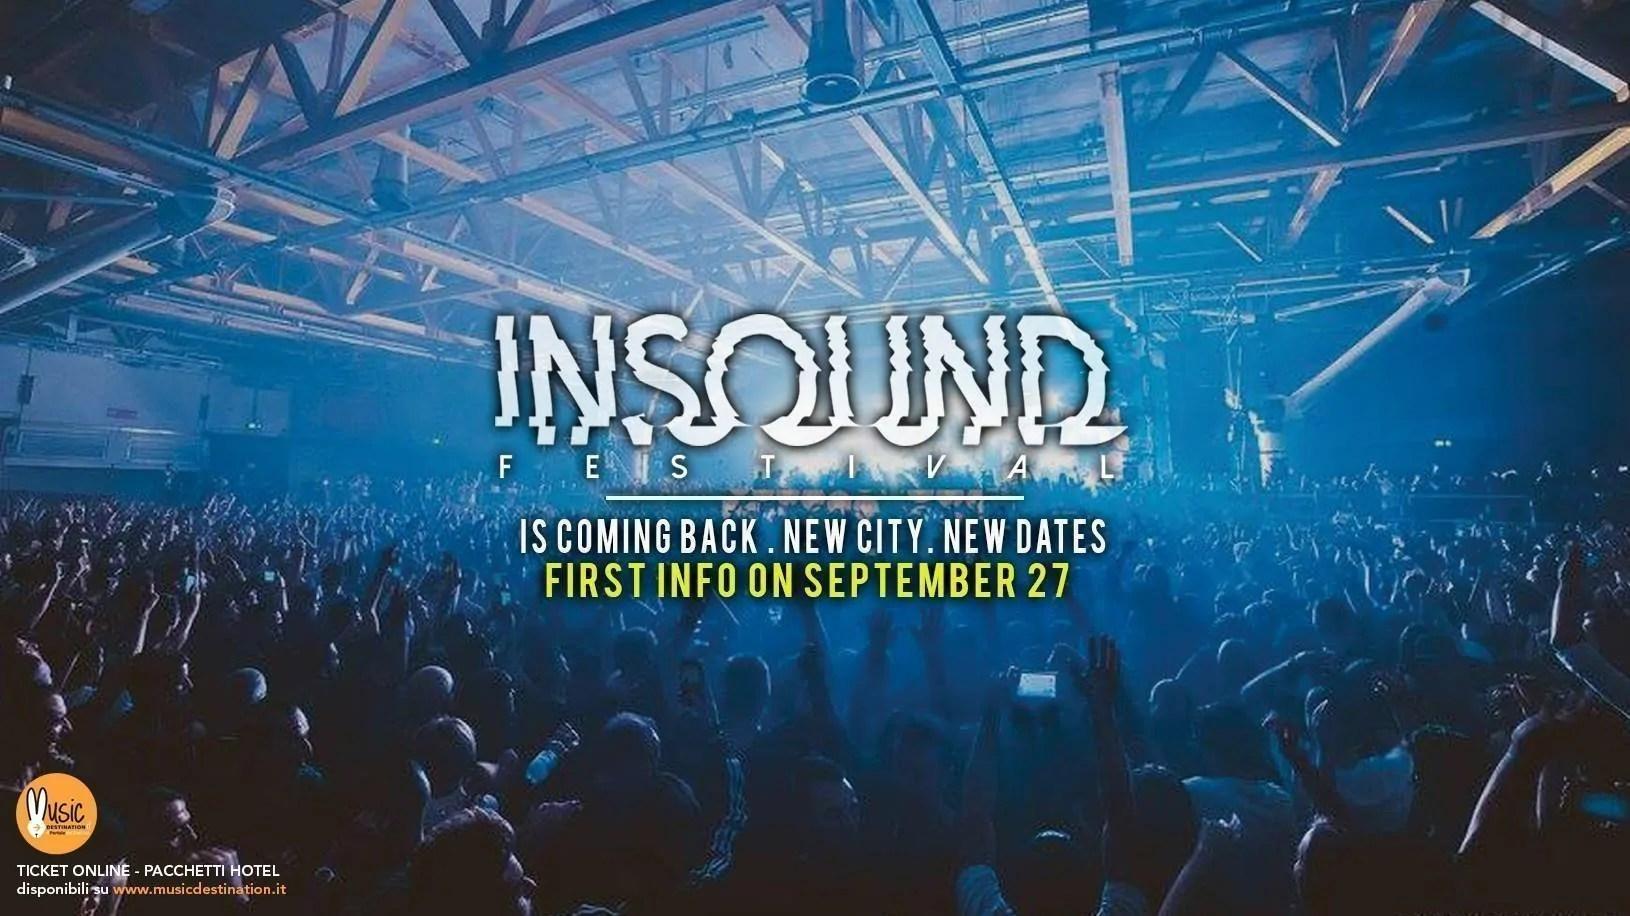 Insound Festival Firenze Capodanno 2018/2019 Obihall e Viper Theatre + Prezzi Ticket biglietti tavoli Pacchetti hotel